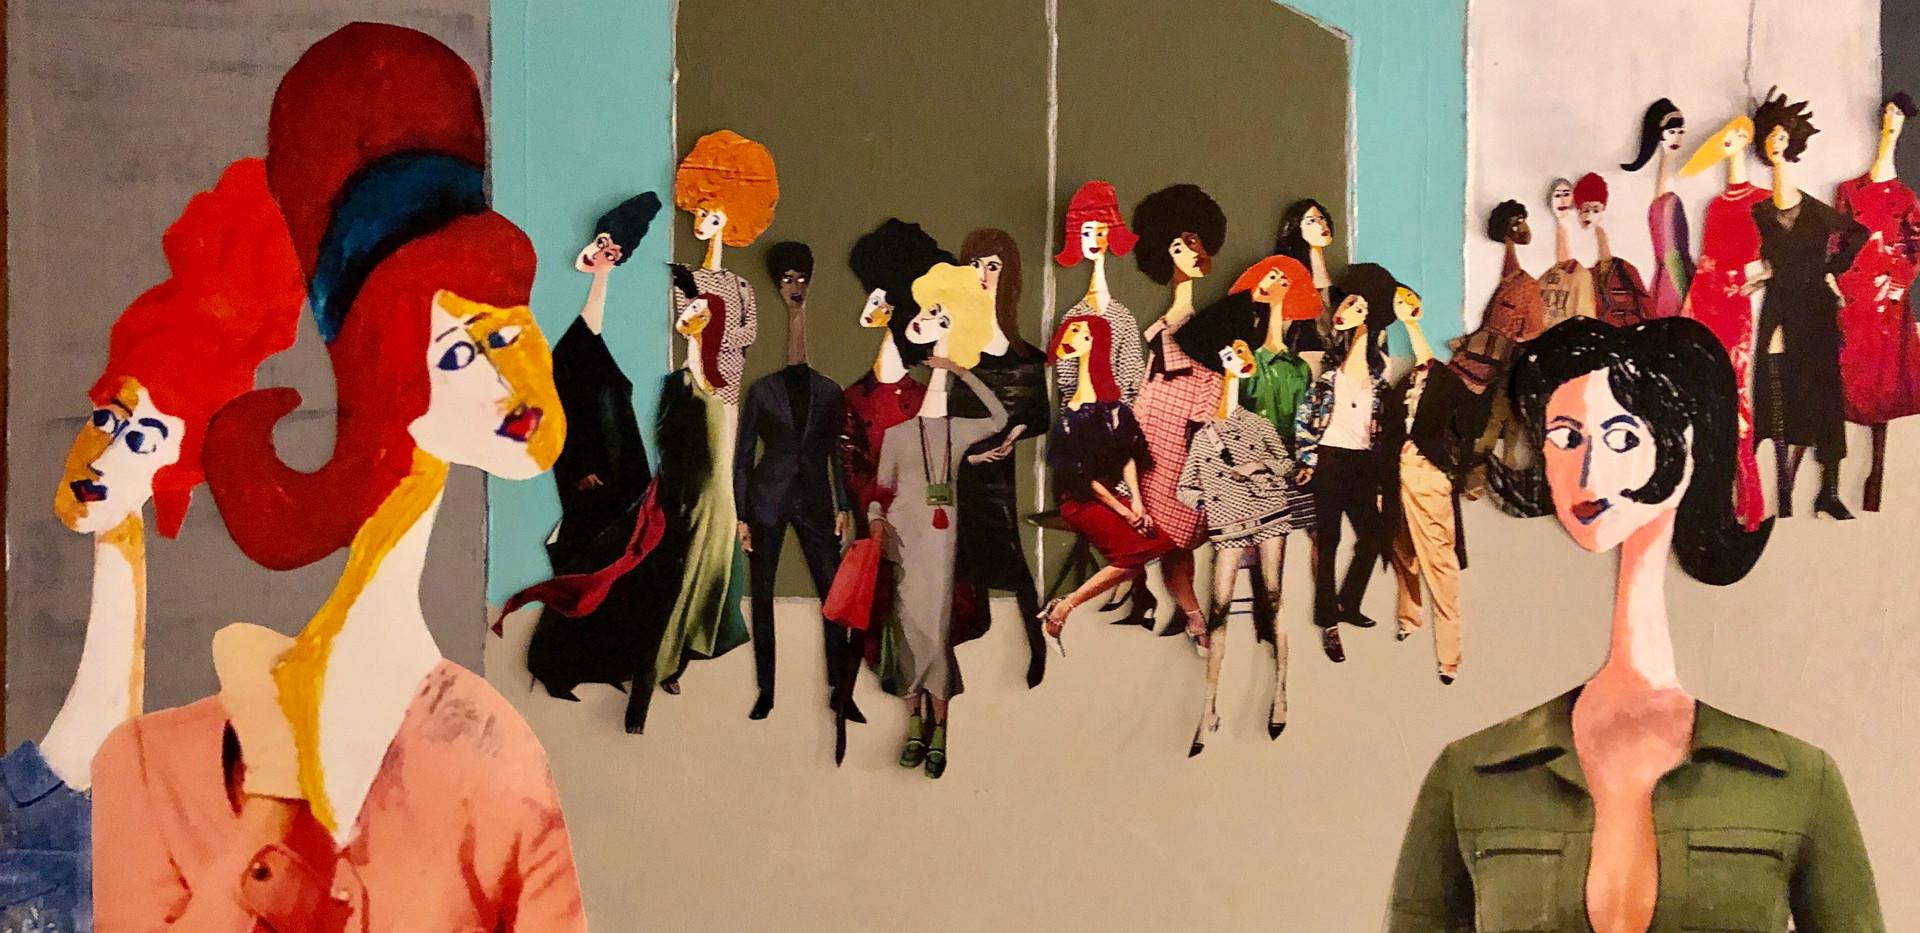 JACKIE'S ART OPENING 30x40 5500.jpg